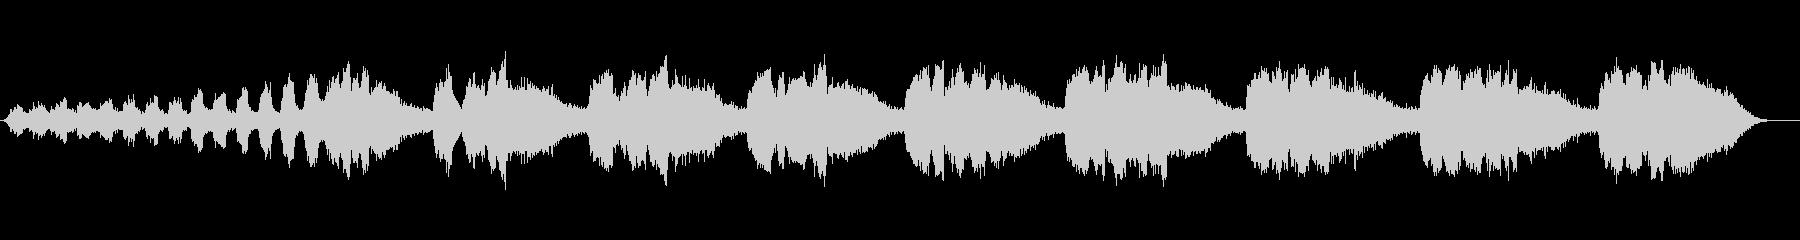 ミンミセミの声鳴き始めから 一匹 近いの未再生の波形